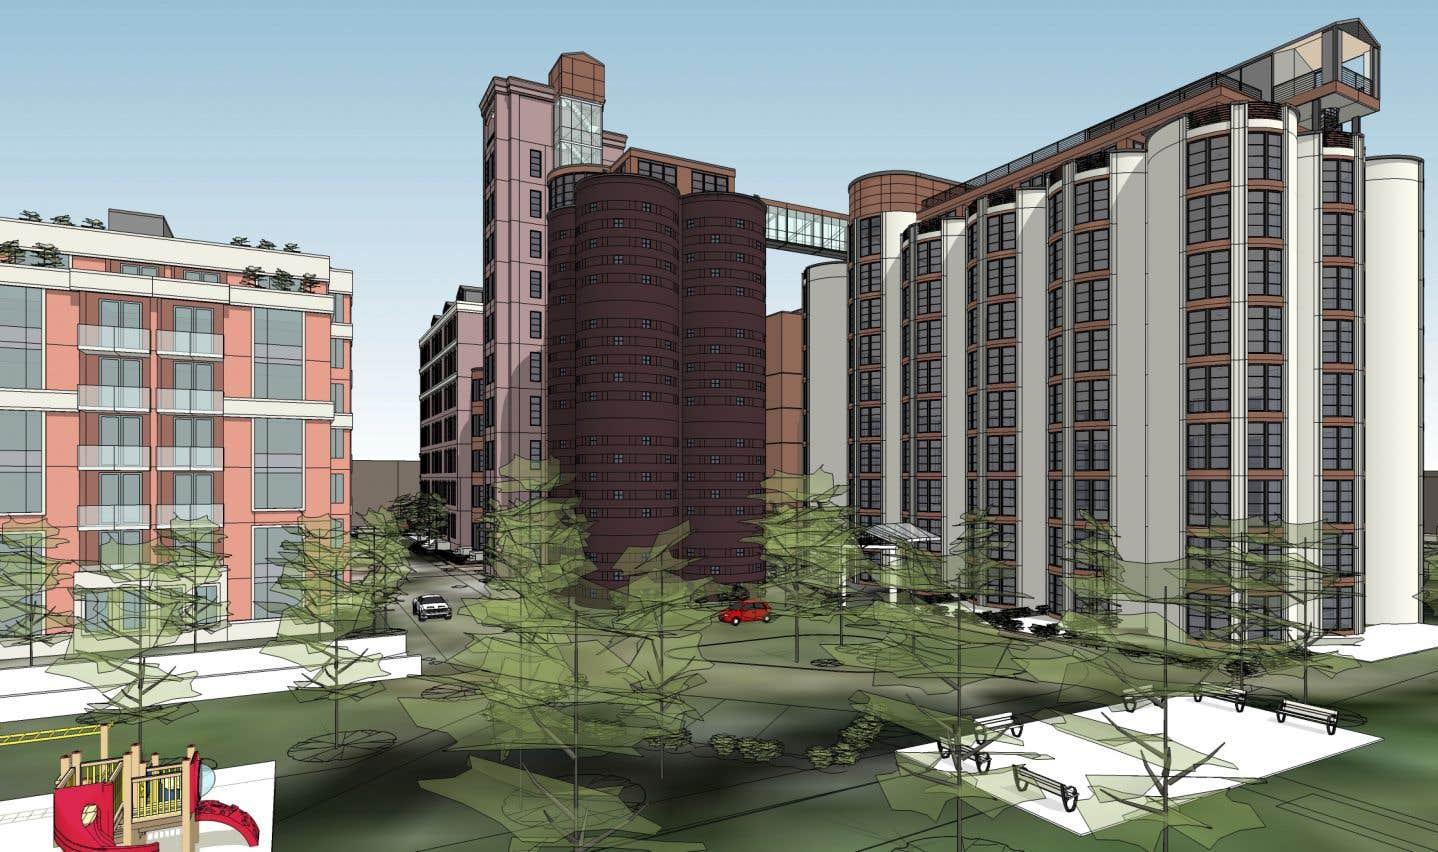 Le projet prévoit notamment d'inclure des logements sociaux et familiaux.